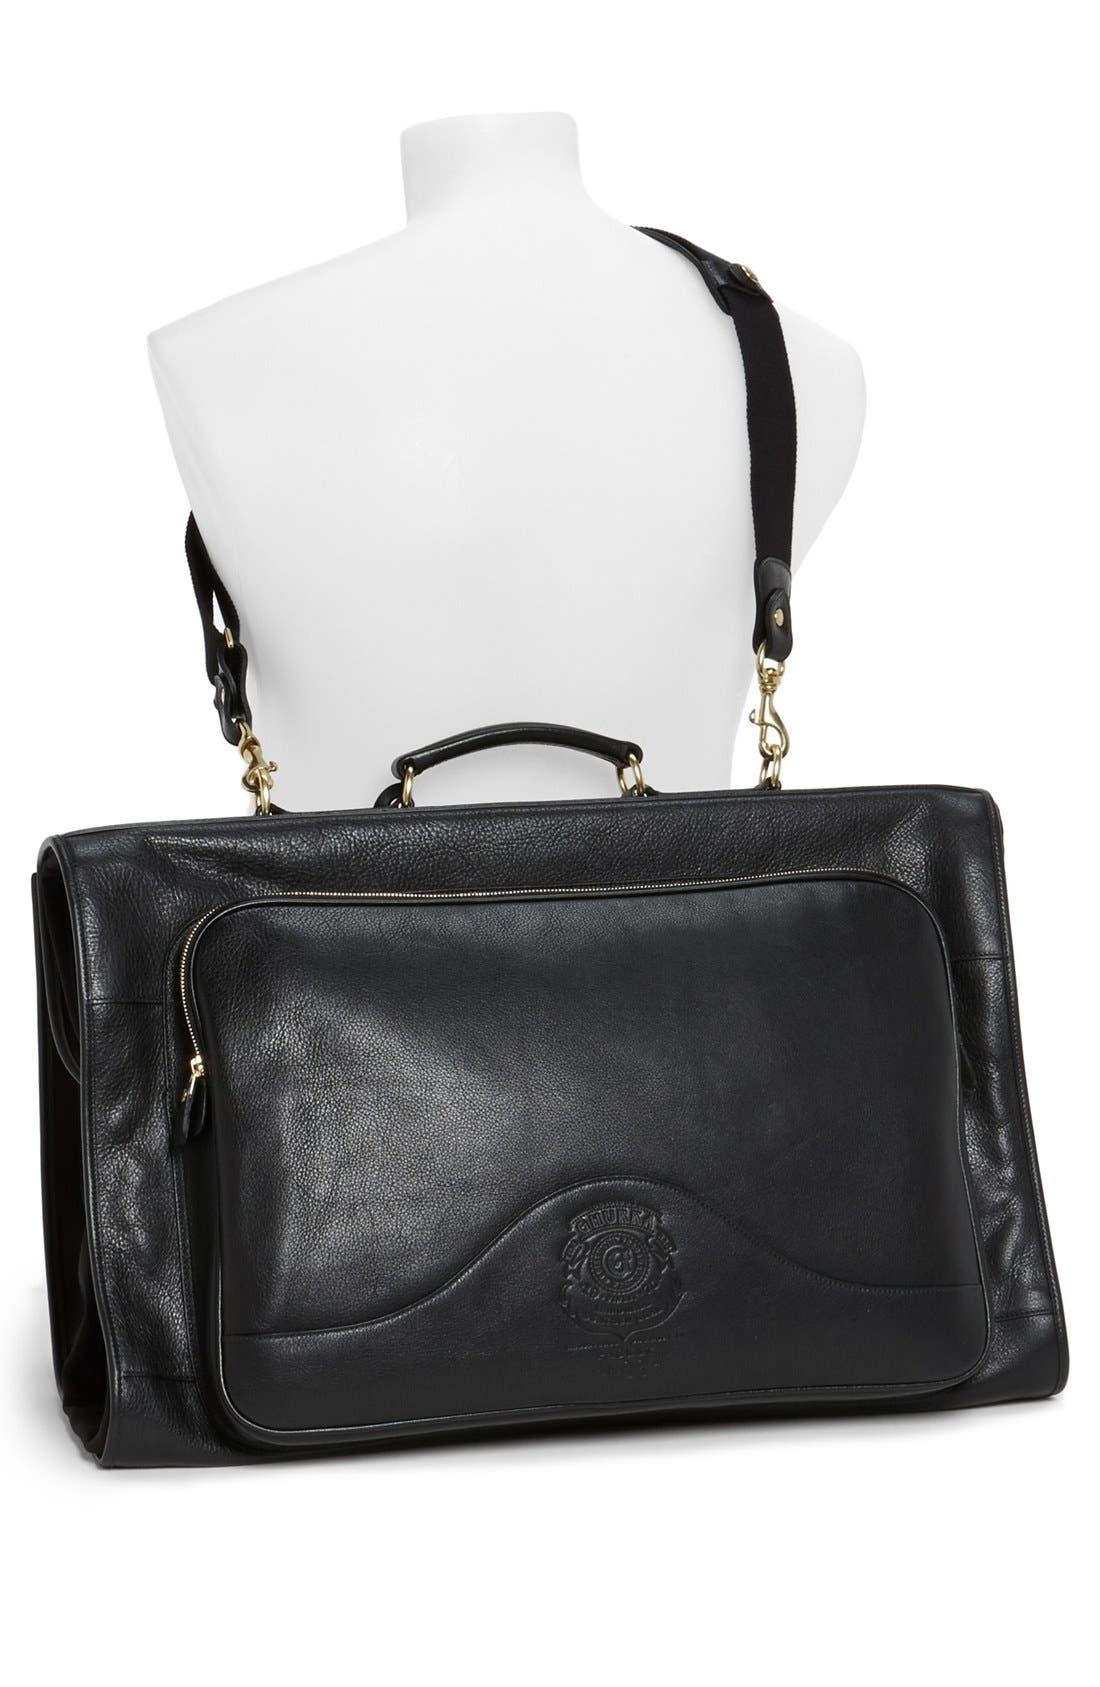 Alternate Image 3  - Ghurka 'Packet No. 83' Leather Garment Bag